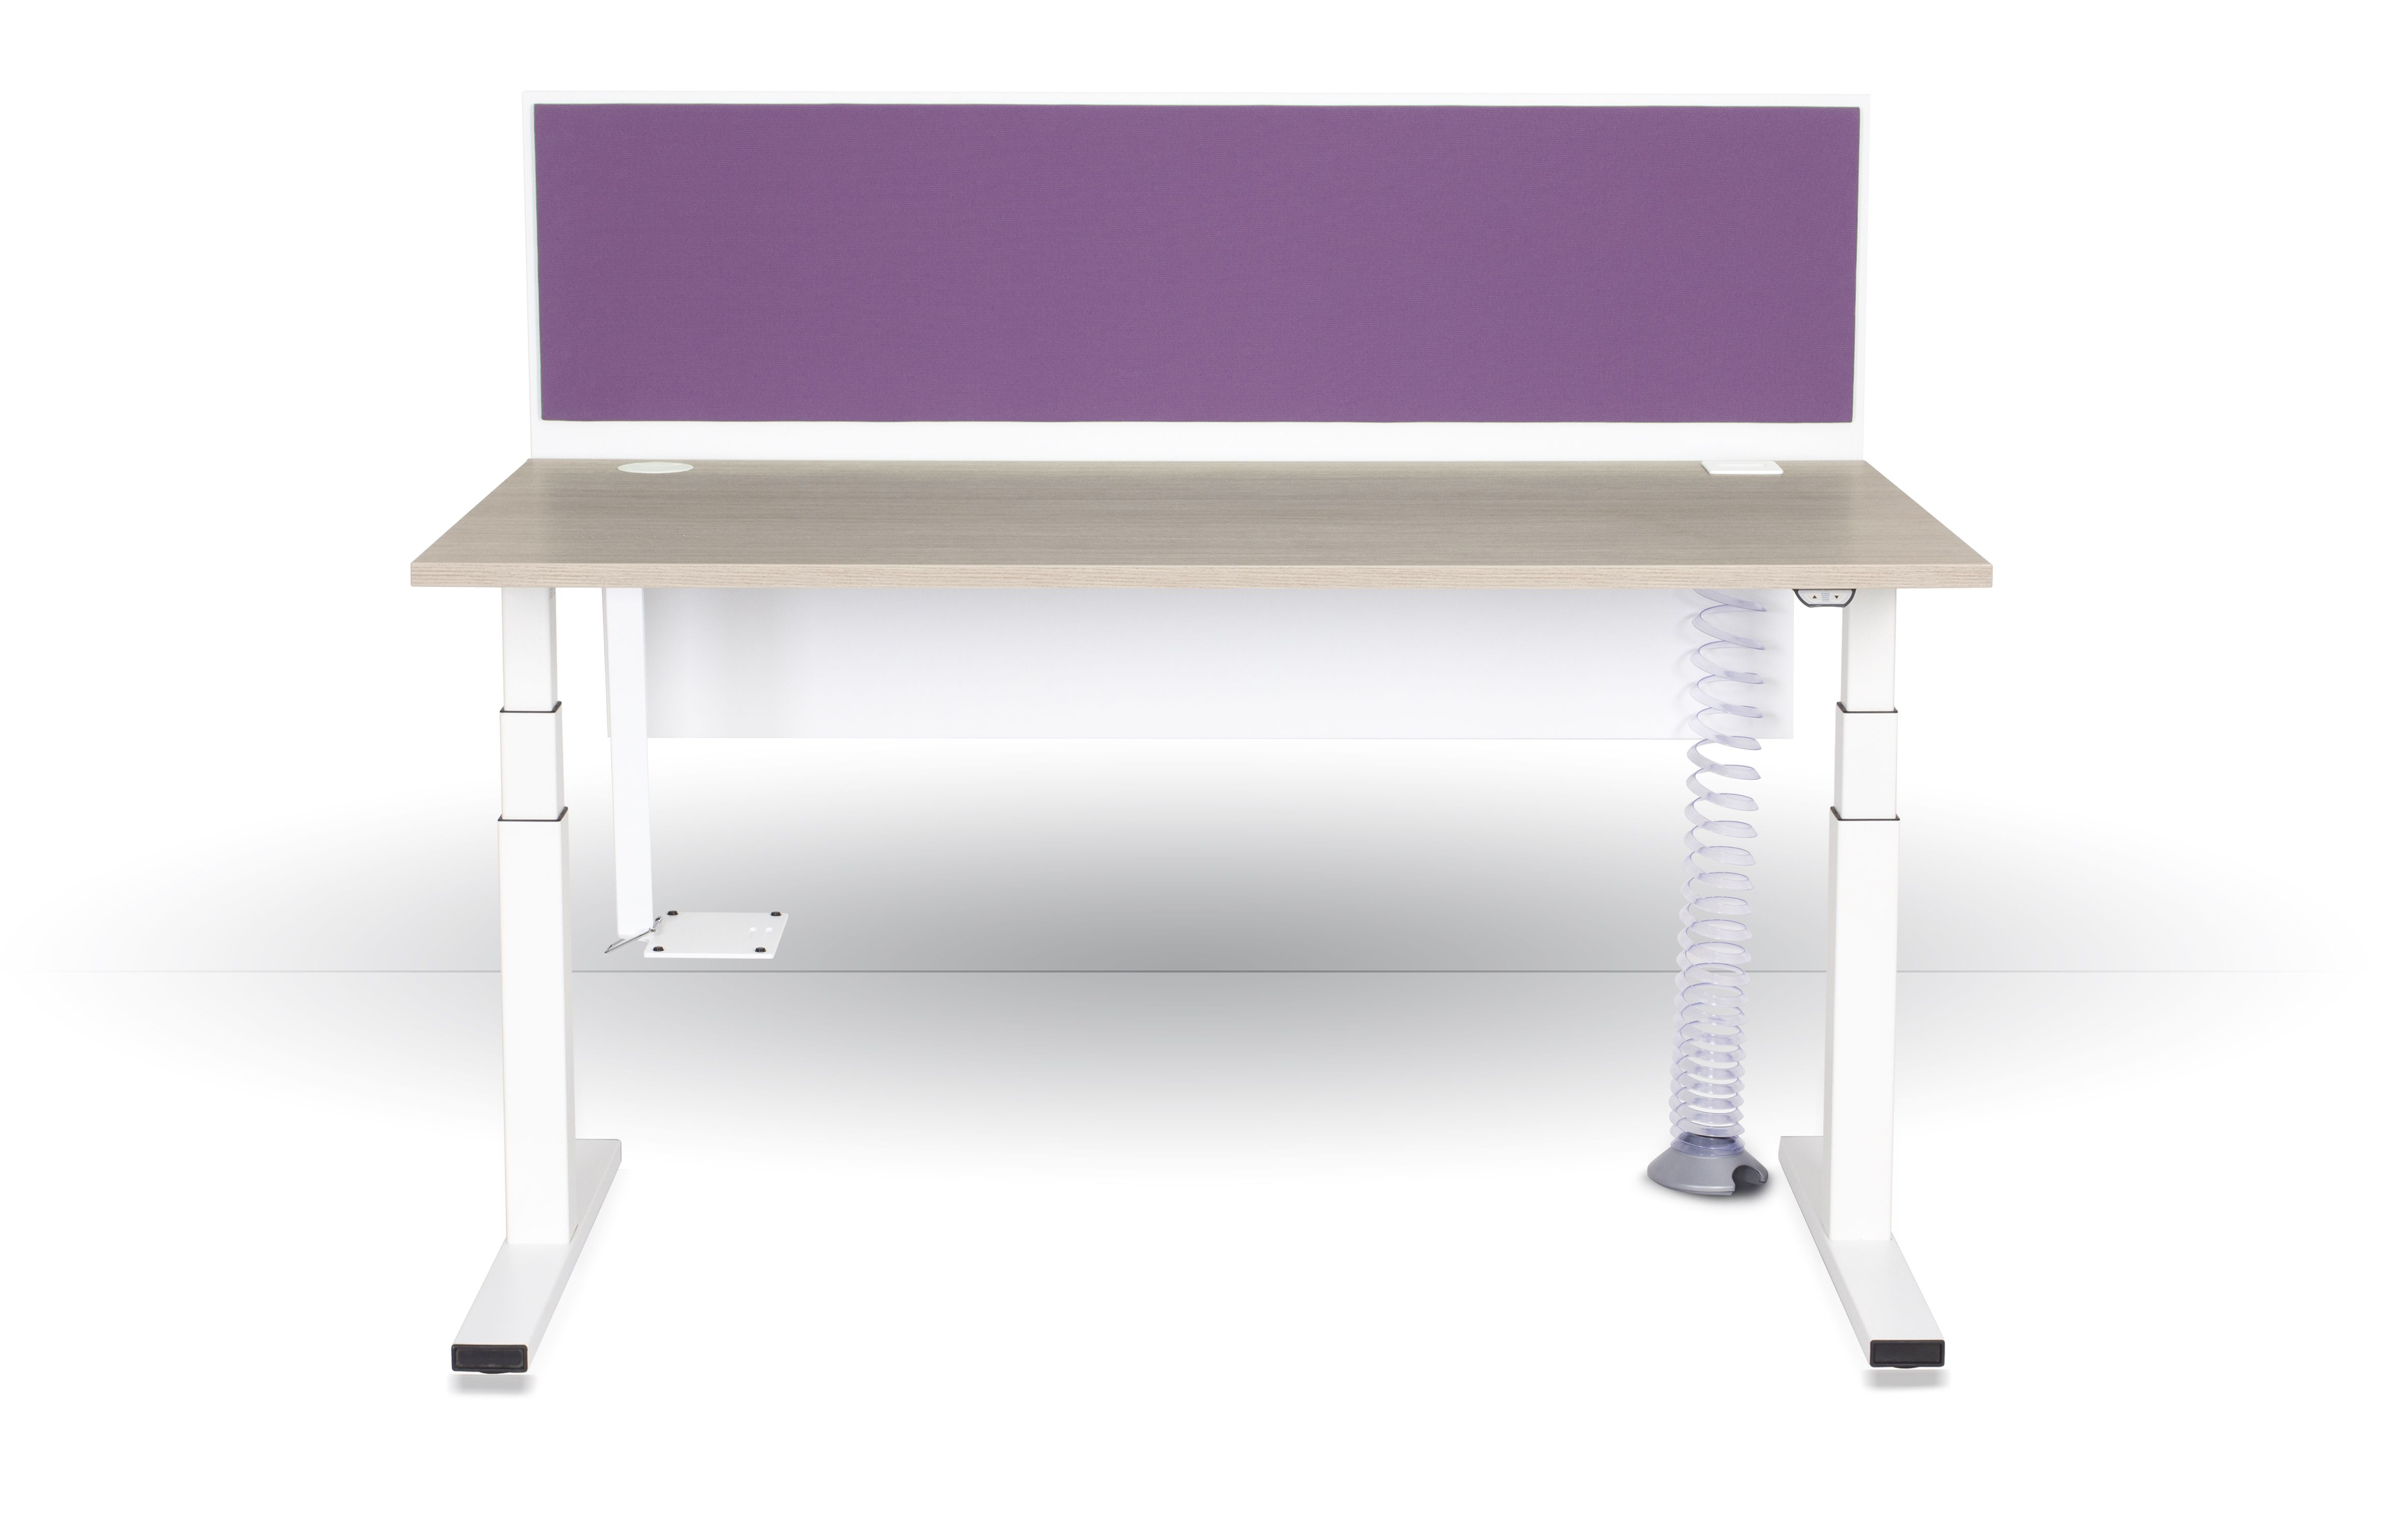 Ergonomie parfaite avec ce bureau e model réglable en hauteur